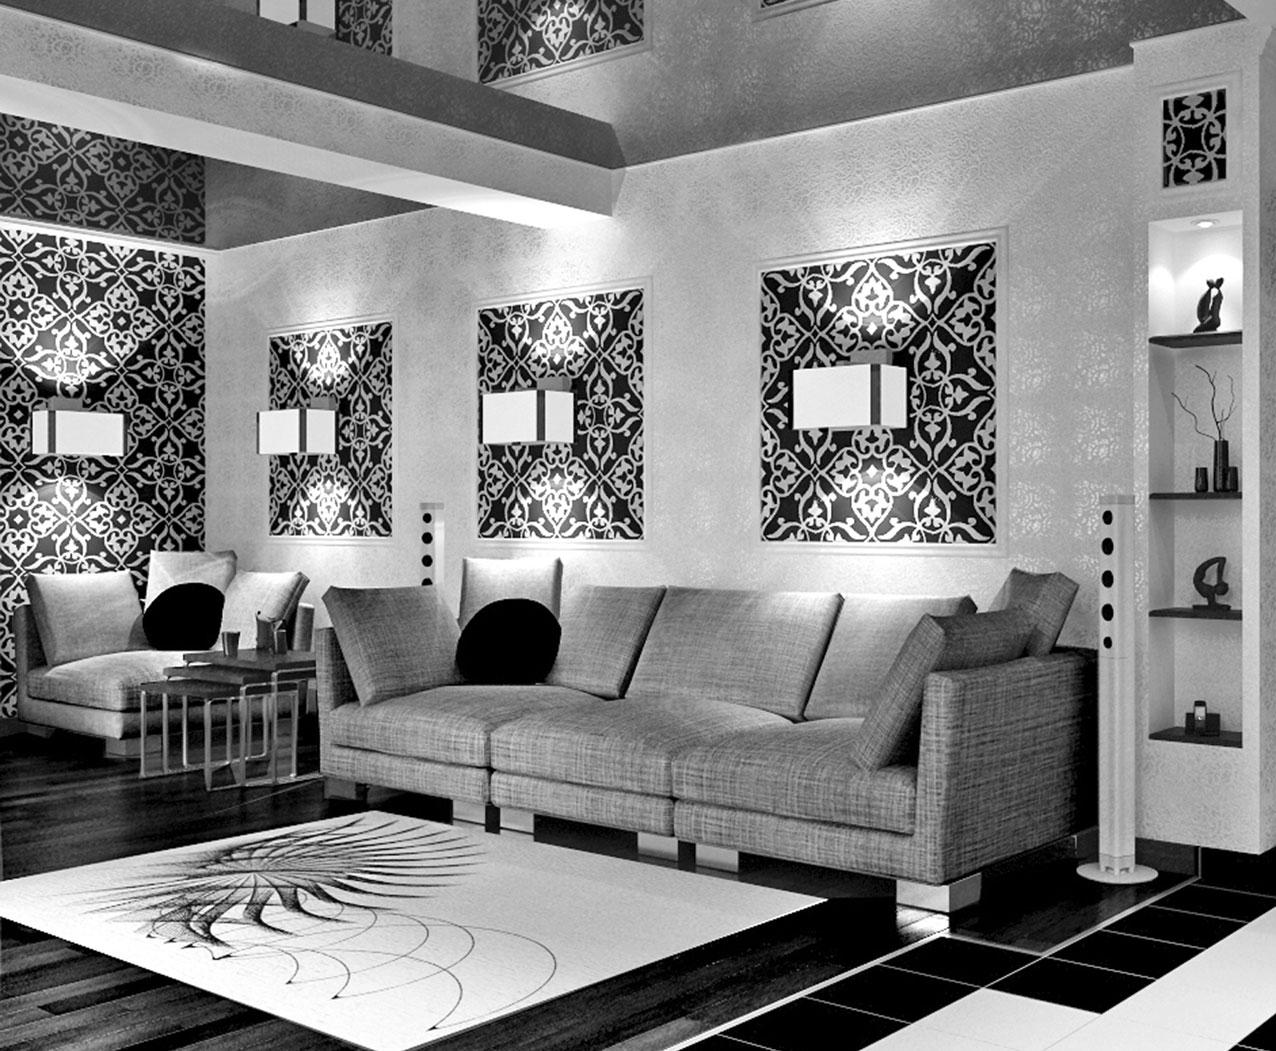 Вставки при комбинировании рисунков на стенах